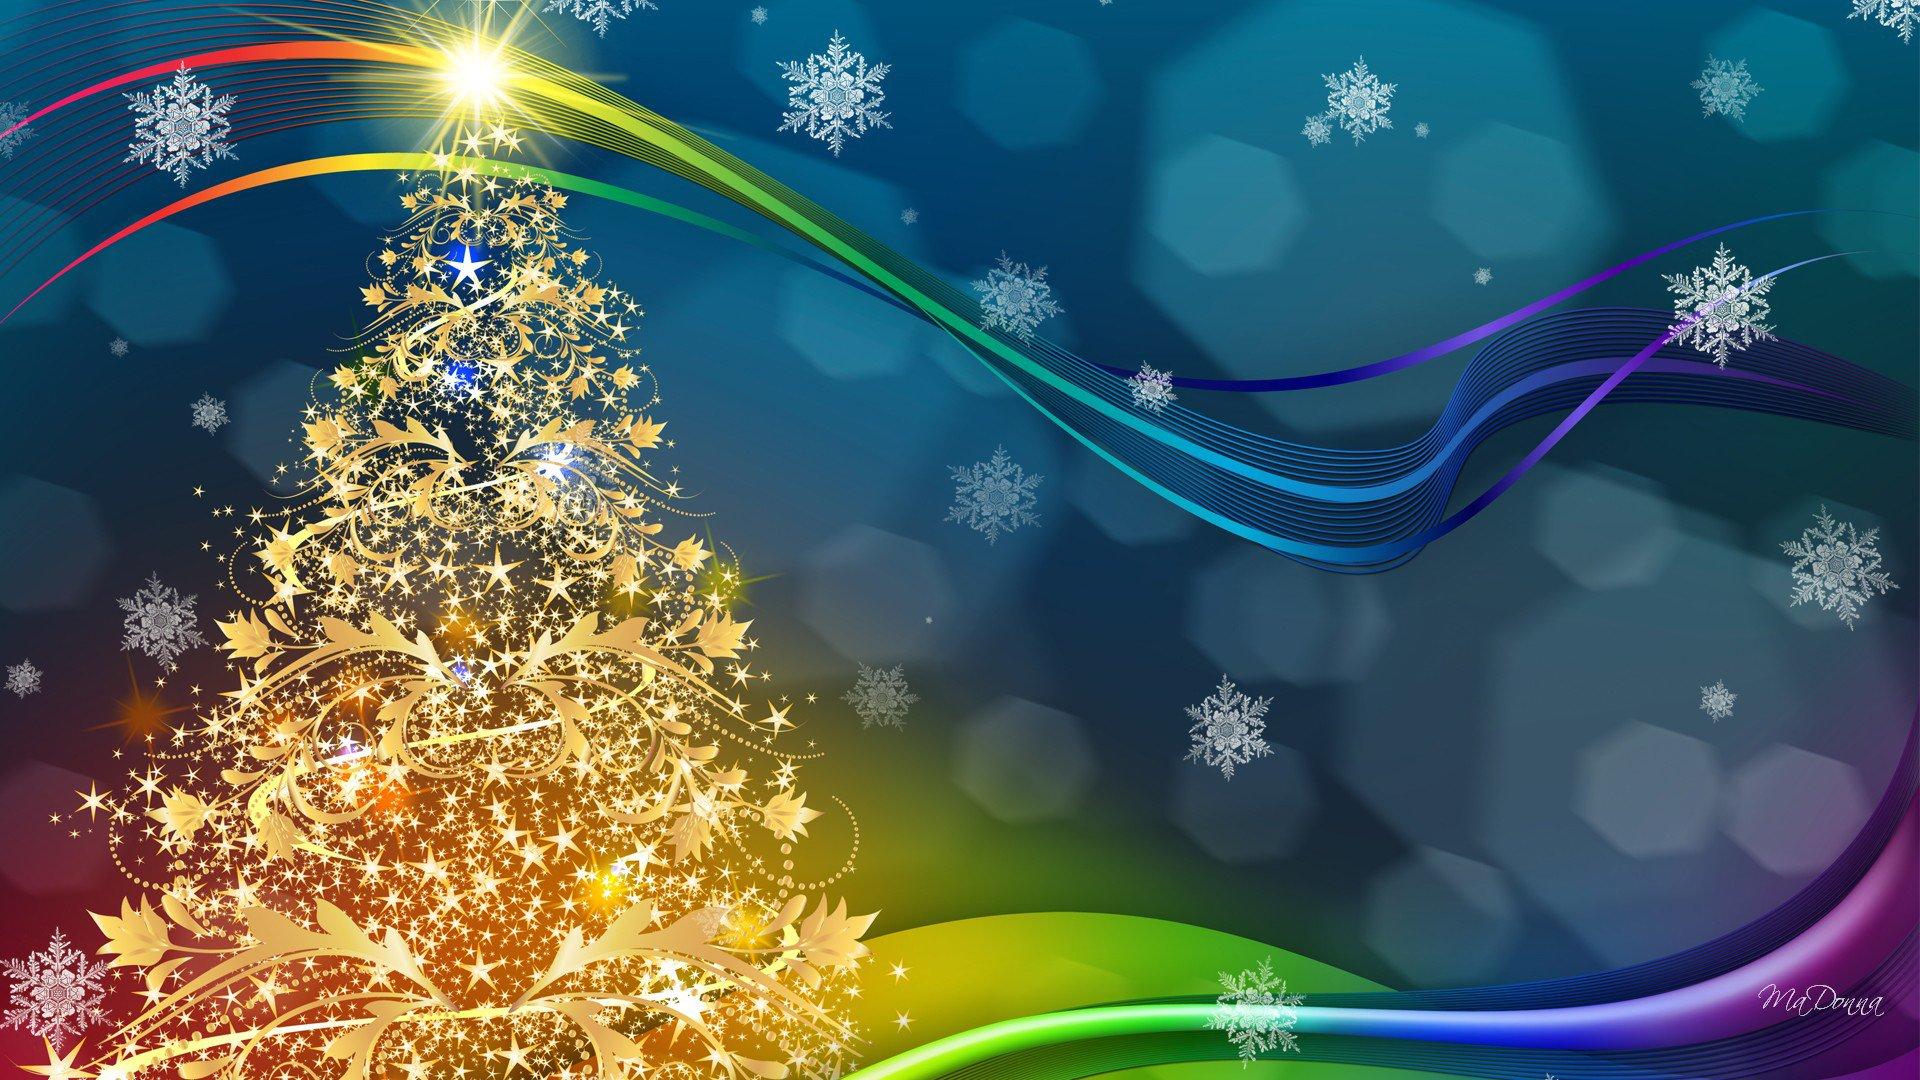 обои для открытки новогодней взглянем фрагменты